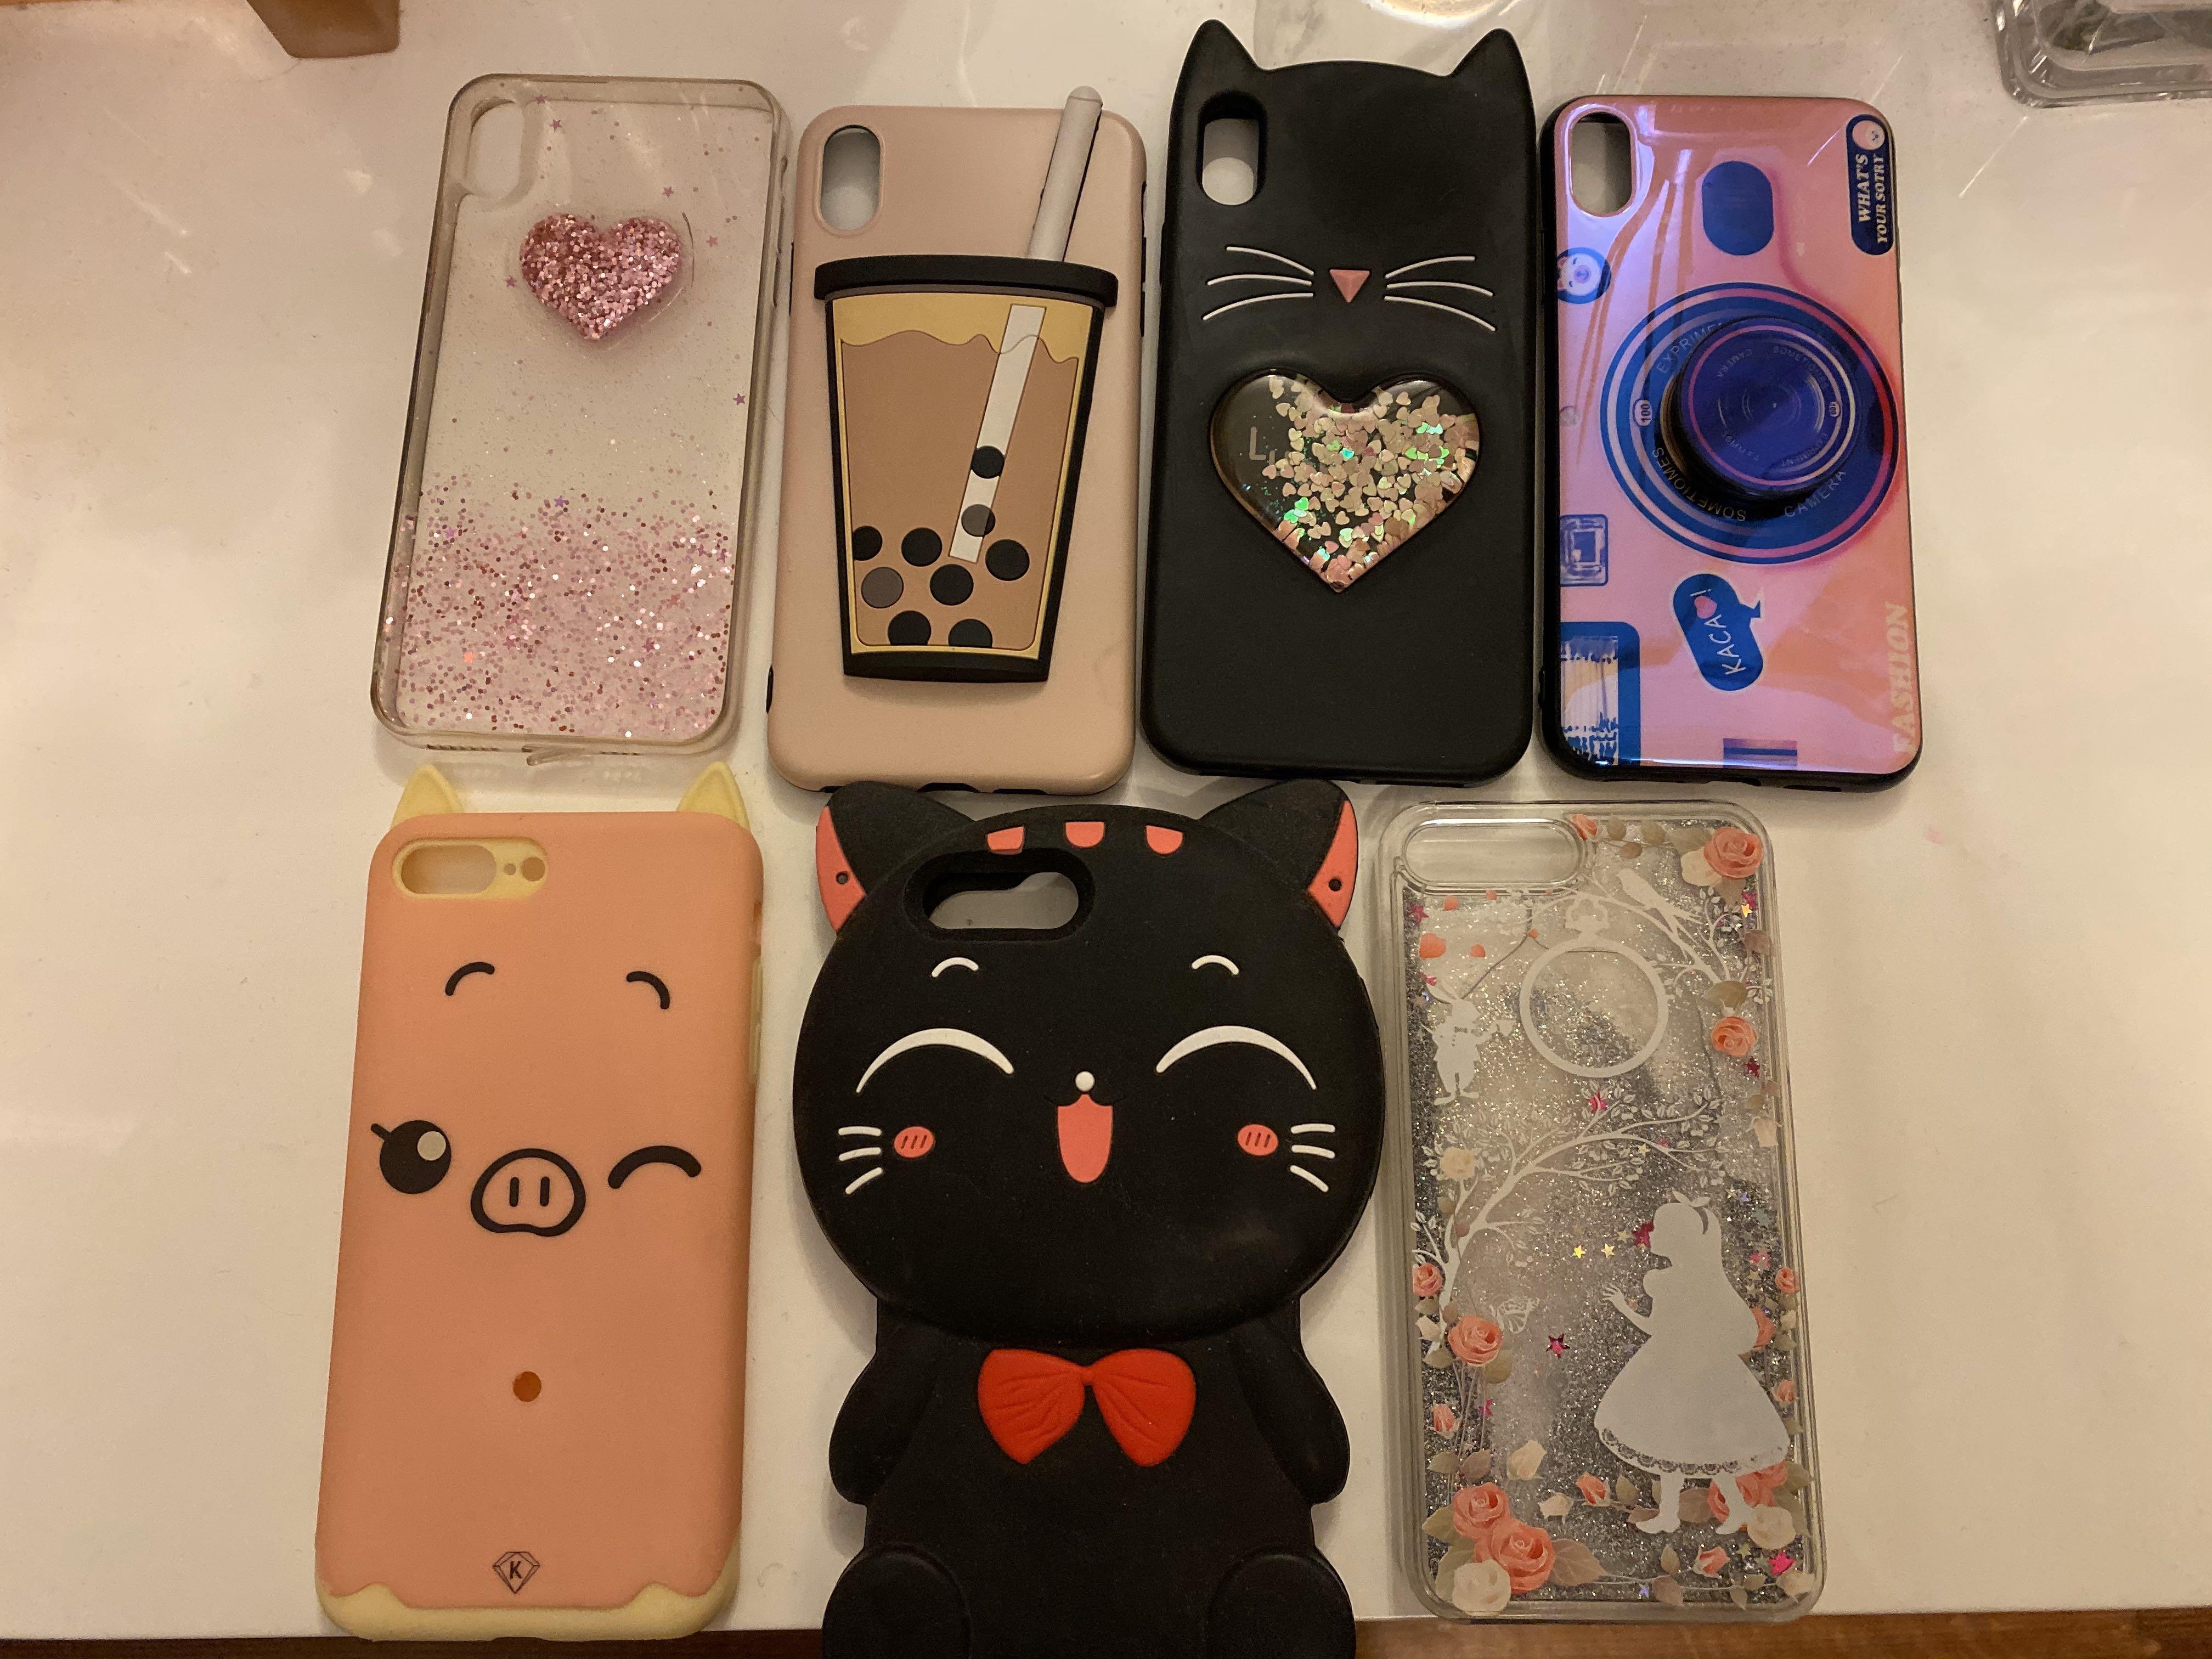 iPhone XS Max, iPhone 7 Plus Cases